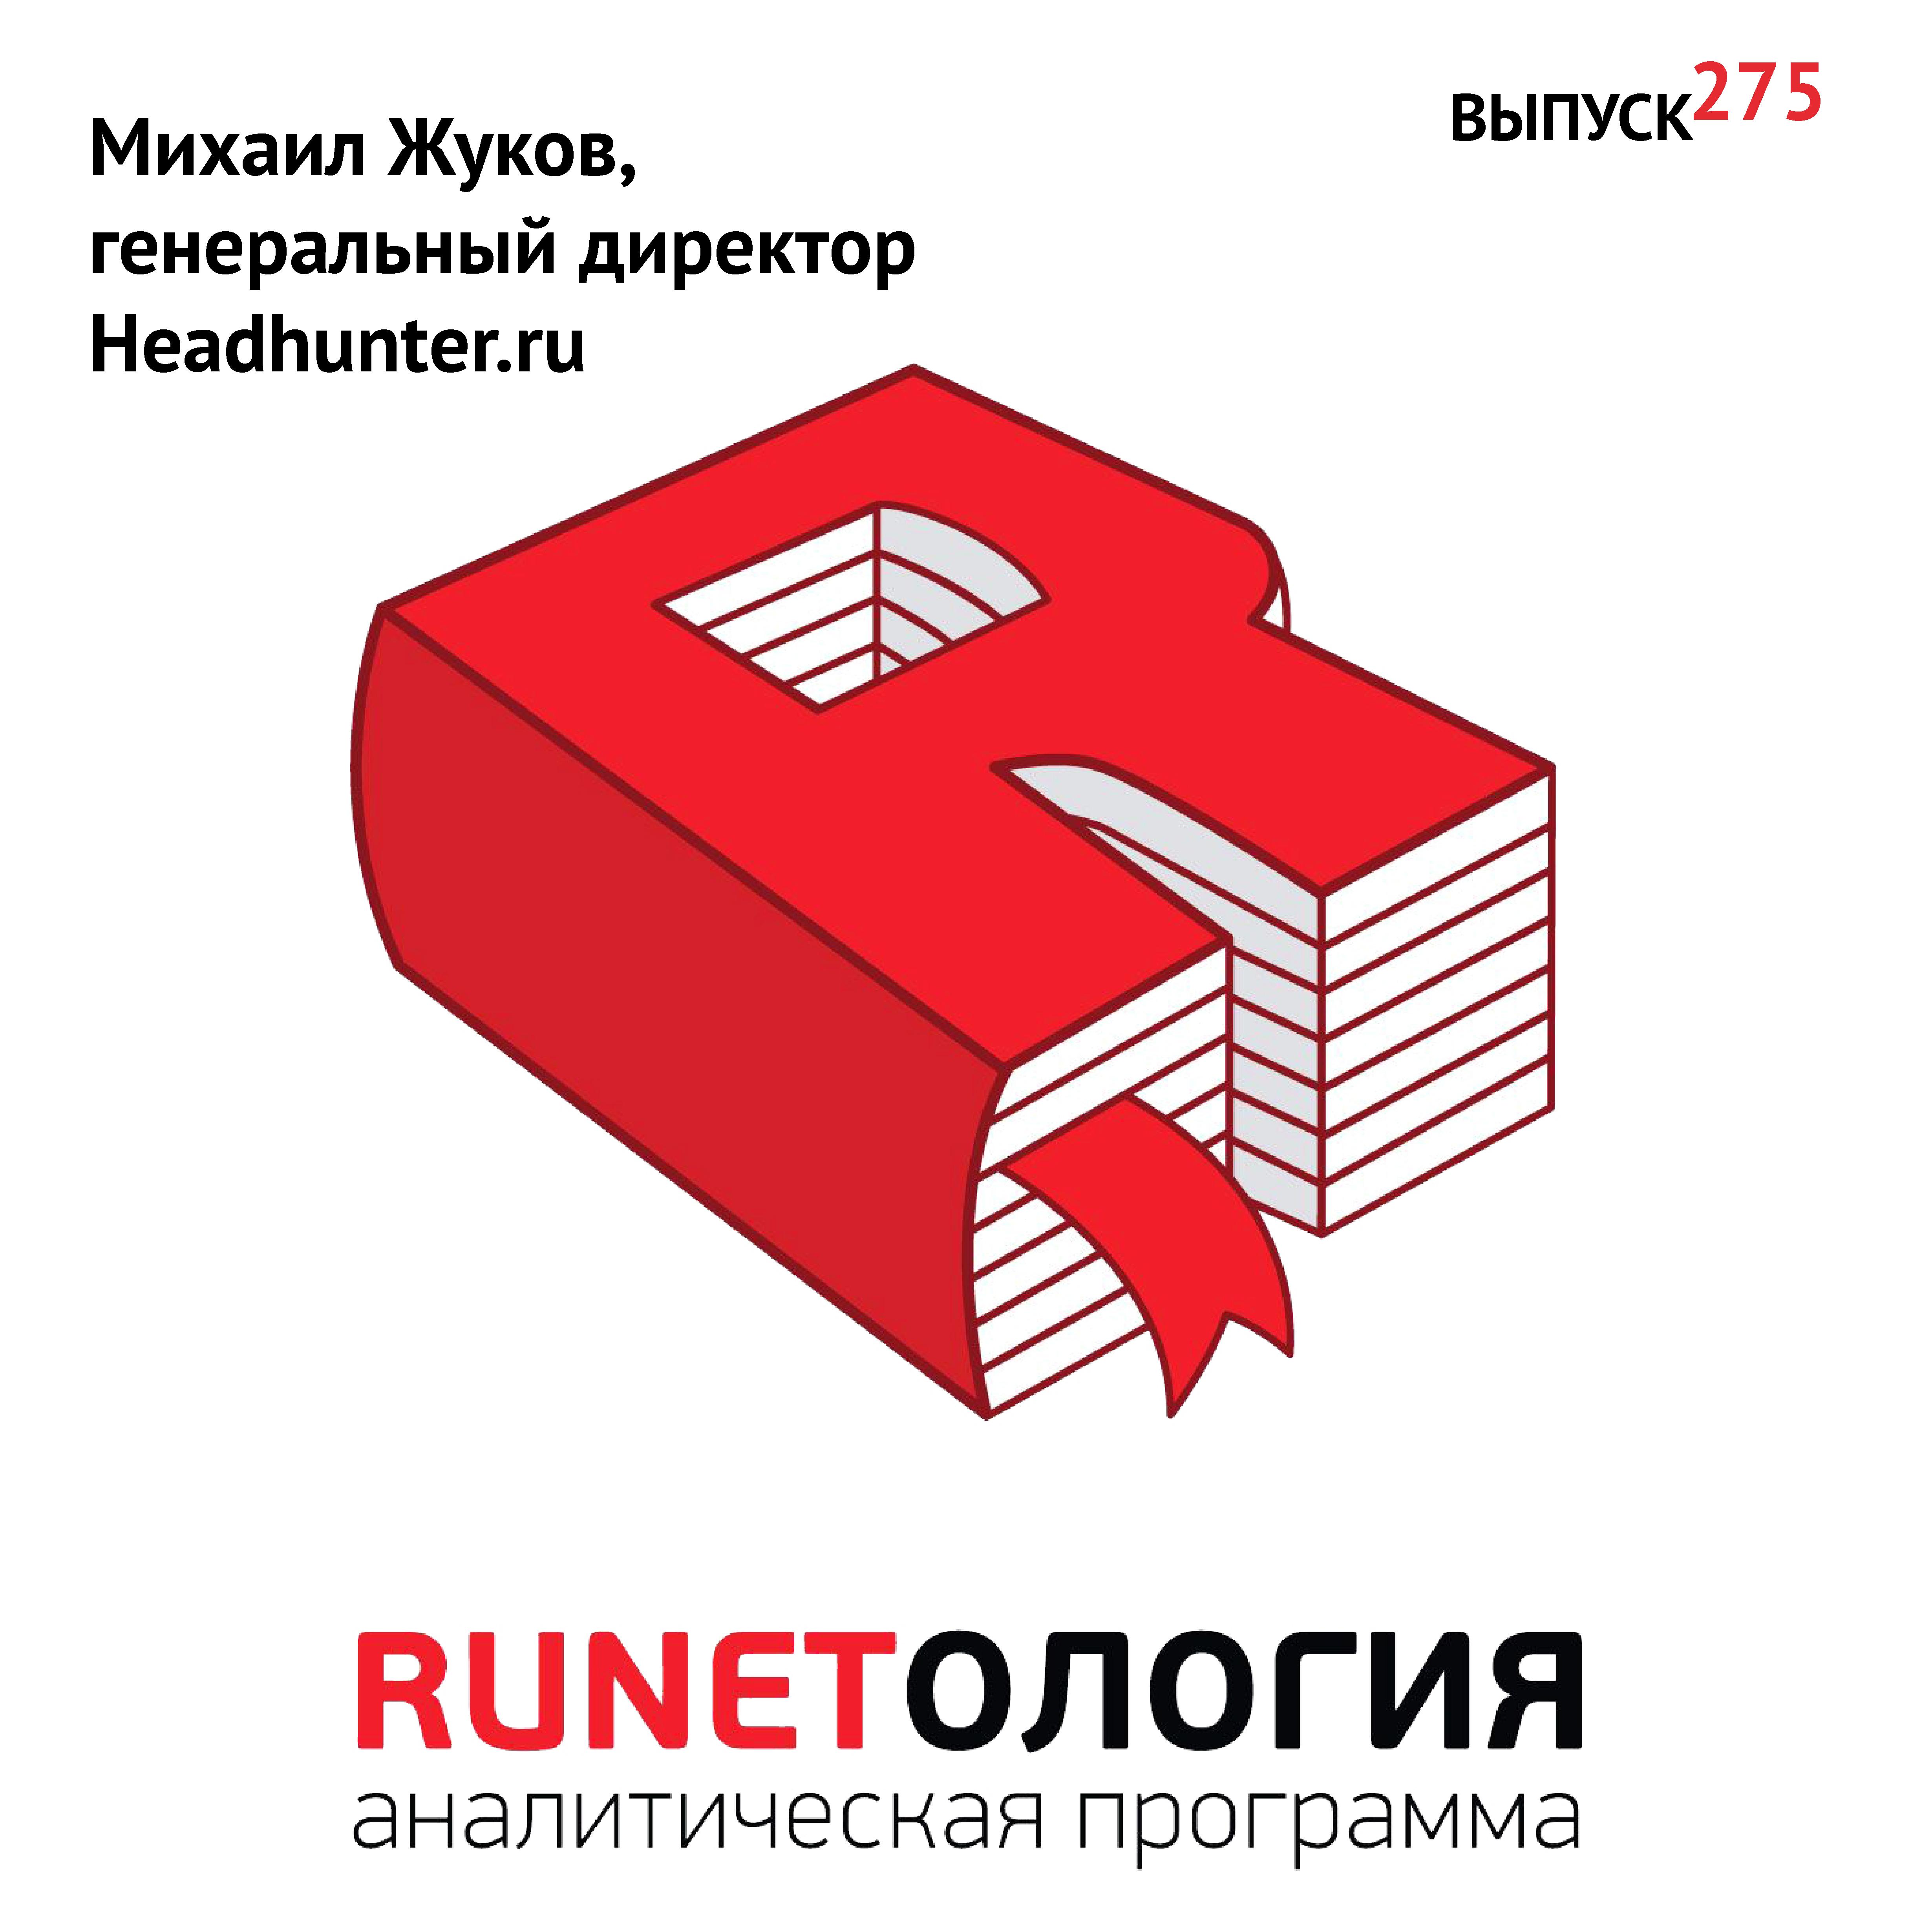 Максим Спиридонов Михаил Жуков, генеральный директор Headhunter.ru